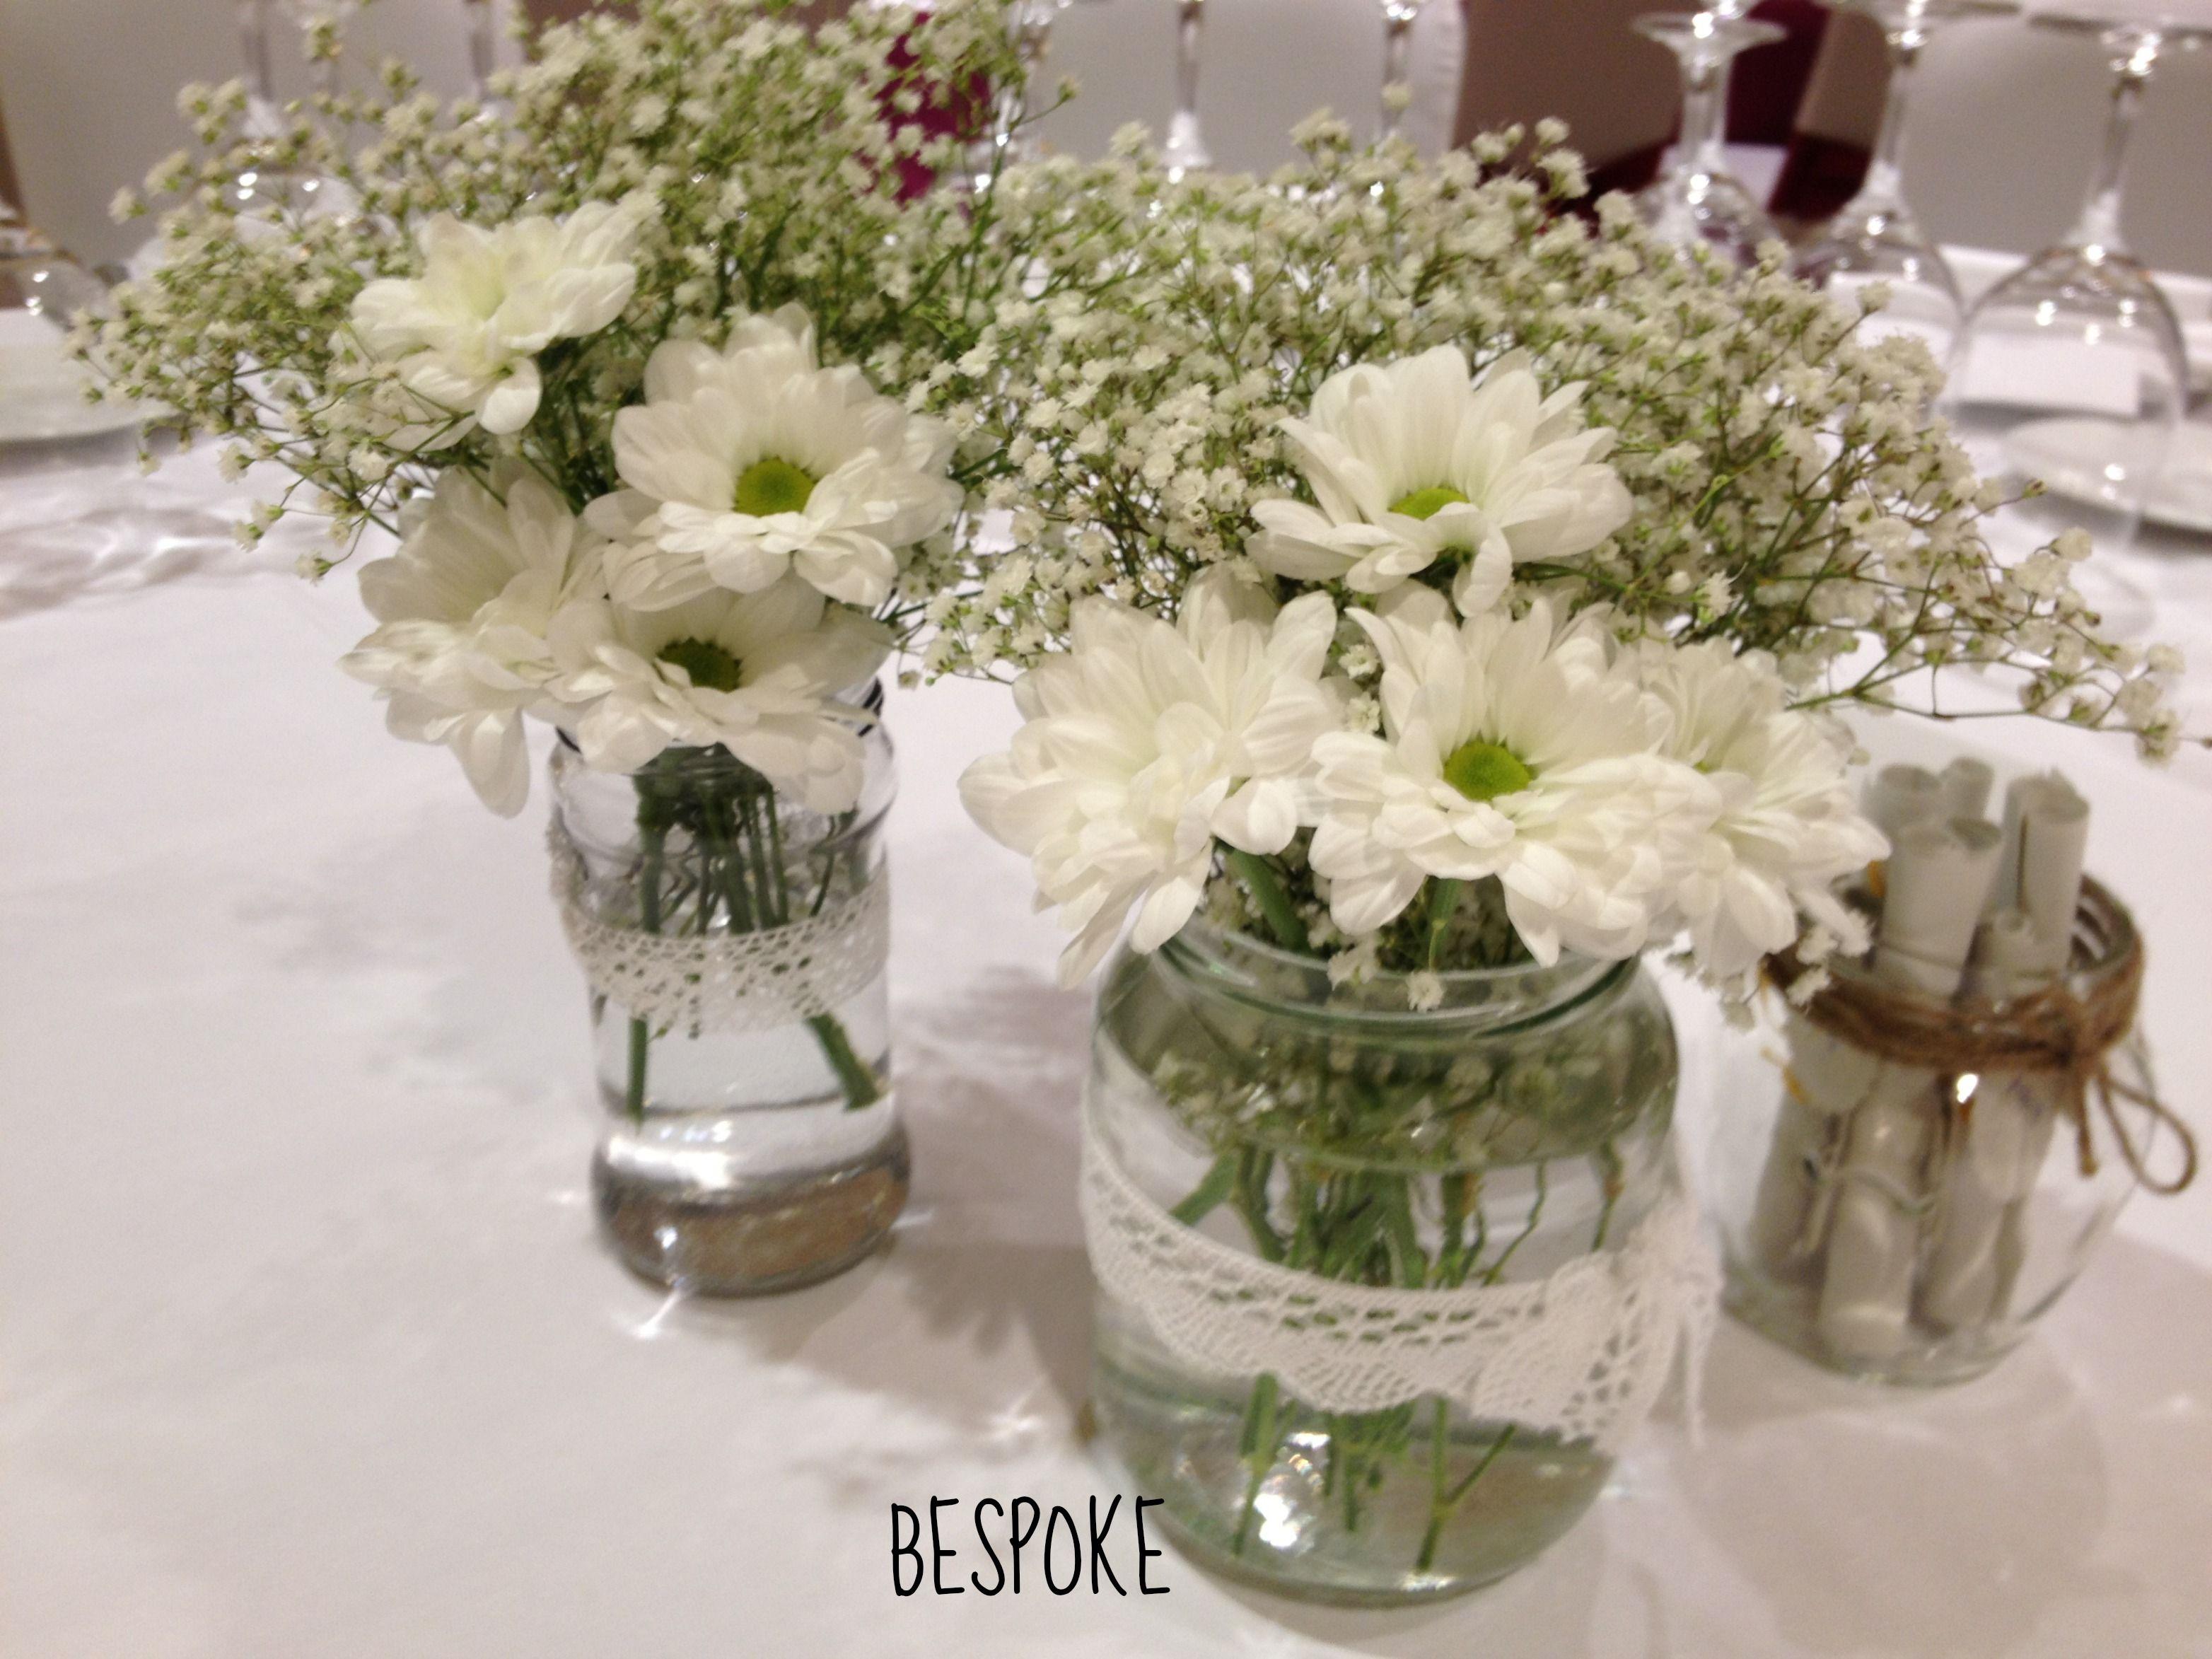 Como decorar casamiento mesas buscar con google - Como decorar un cristal de mesa ...